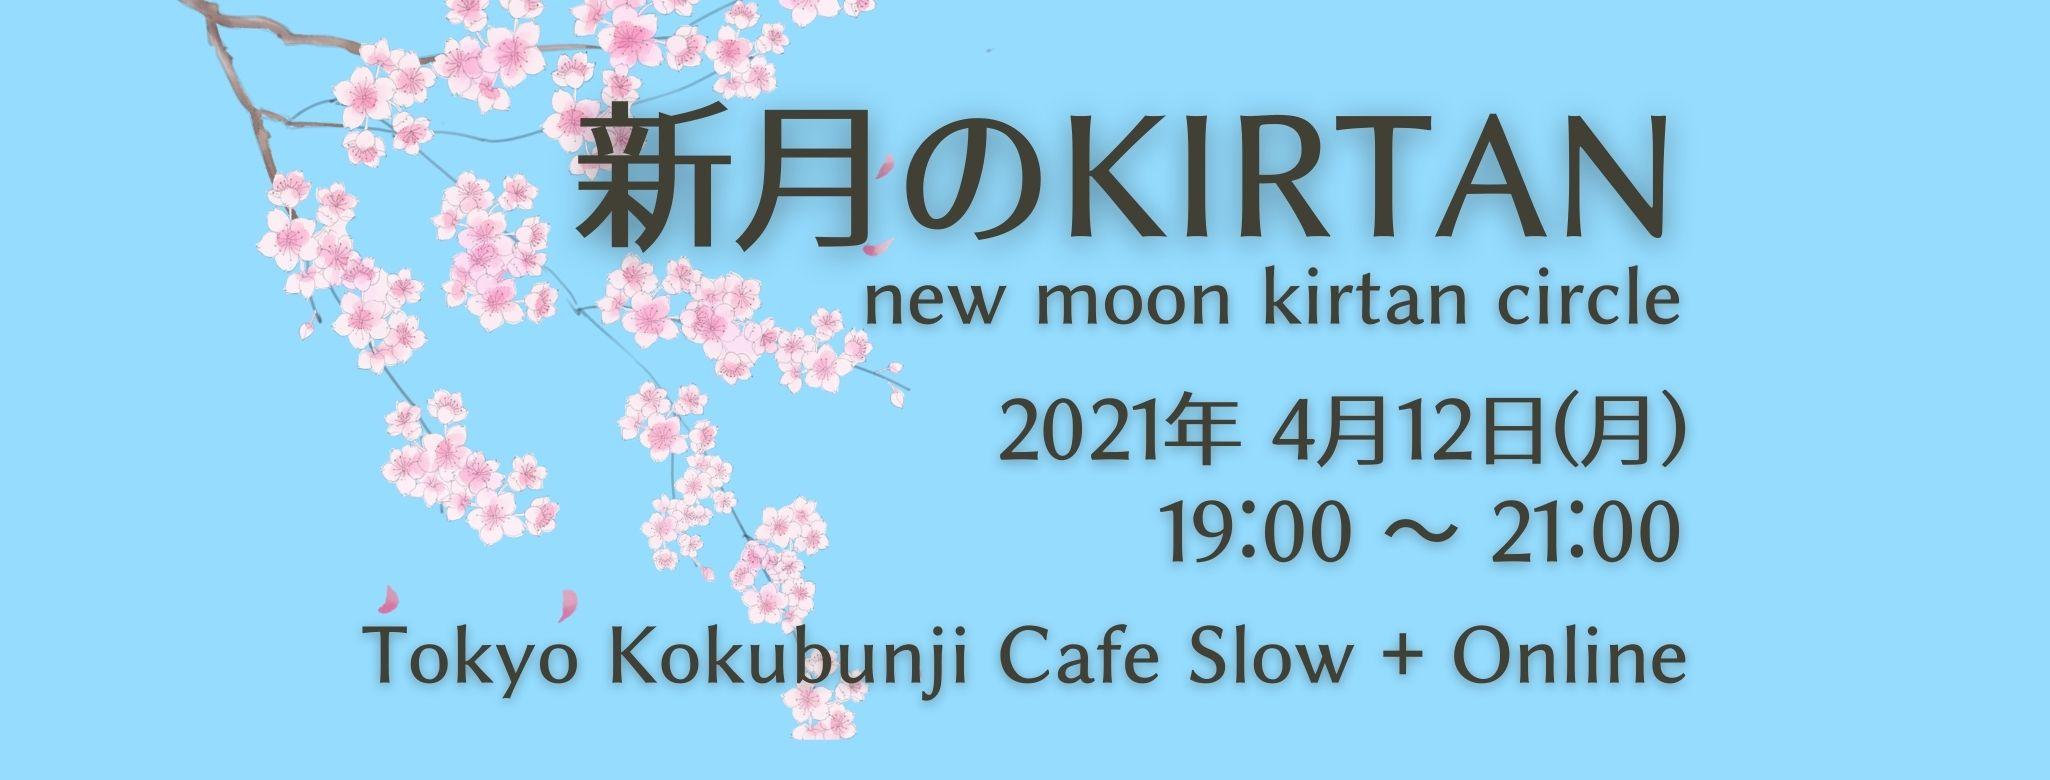 4/12(月) 『新月のKIRTAN』@CafeSlow&Online with 堀田義樹